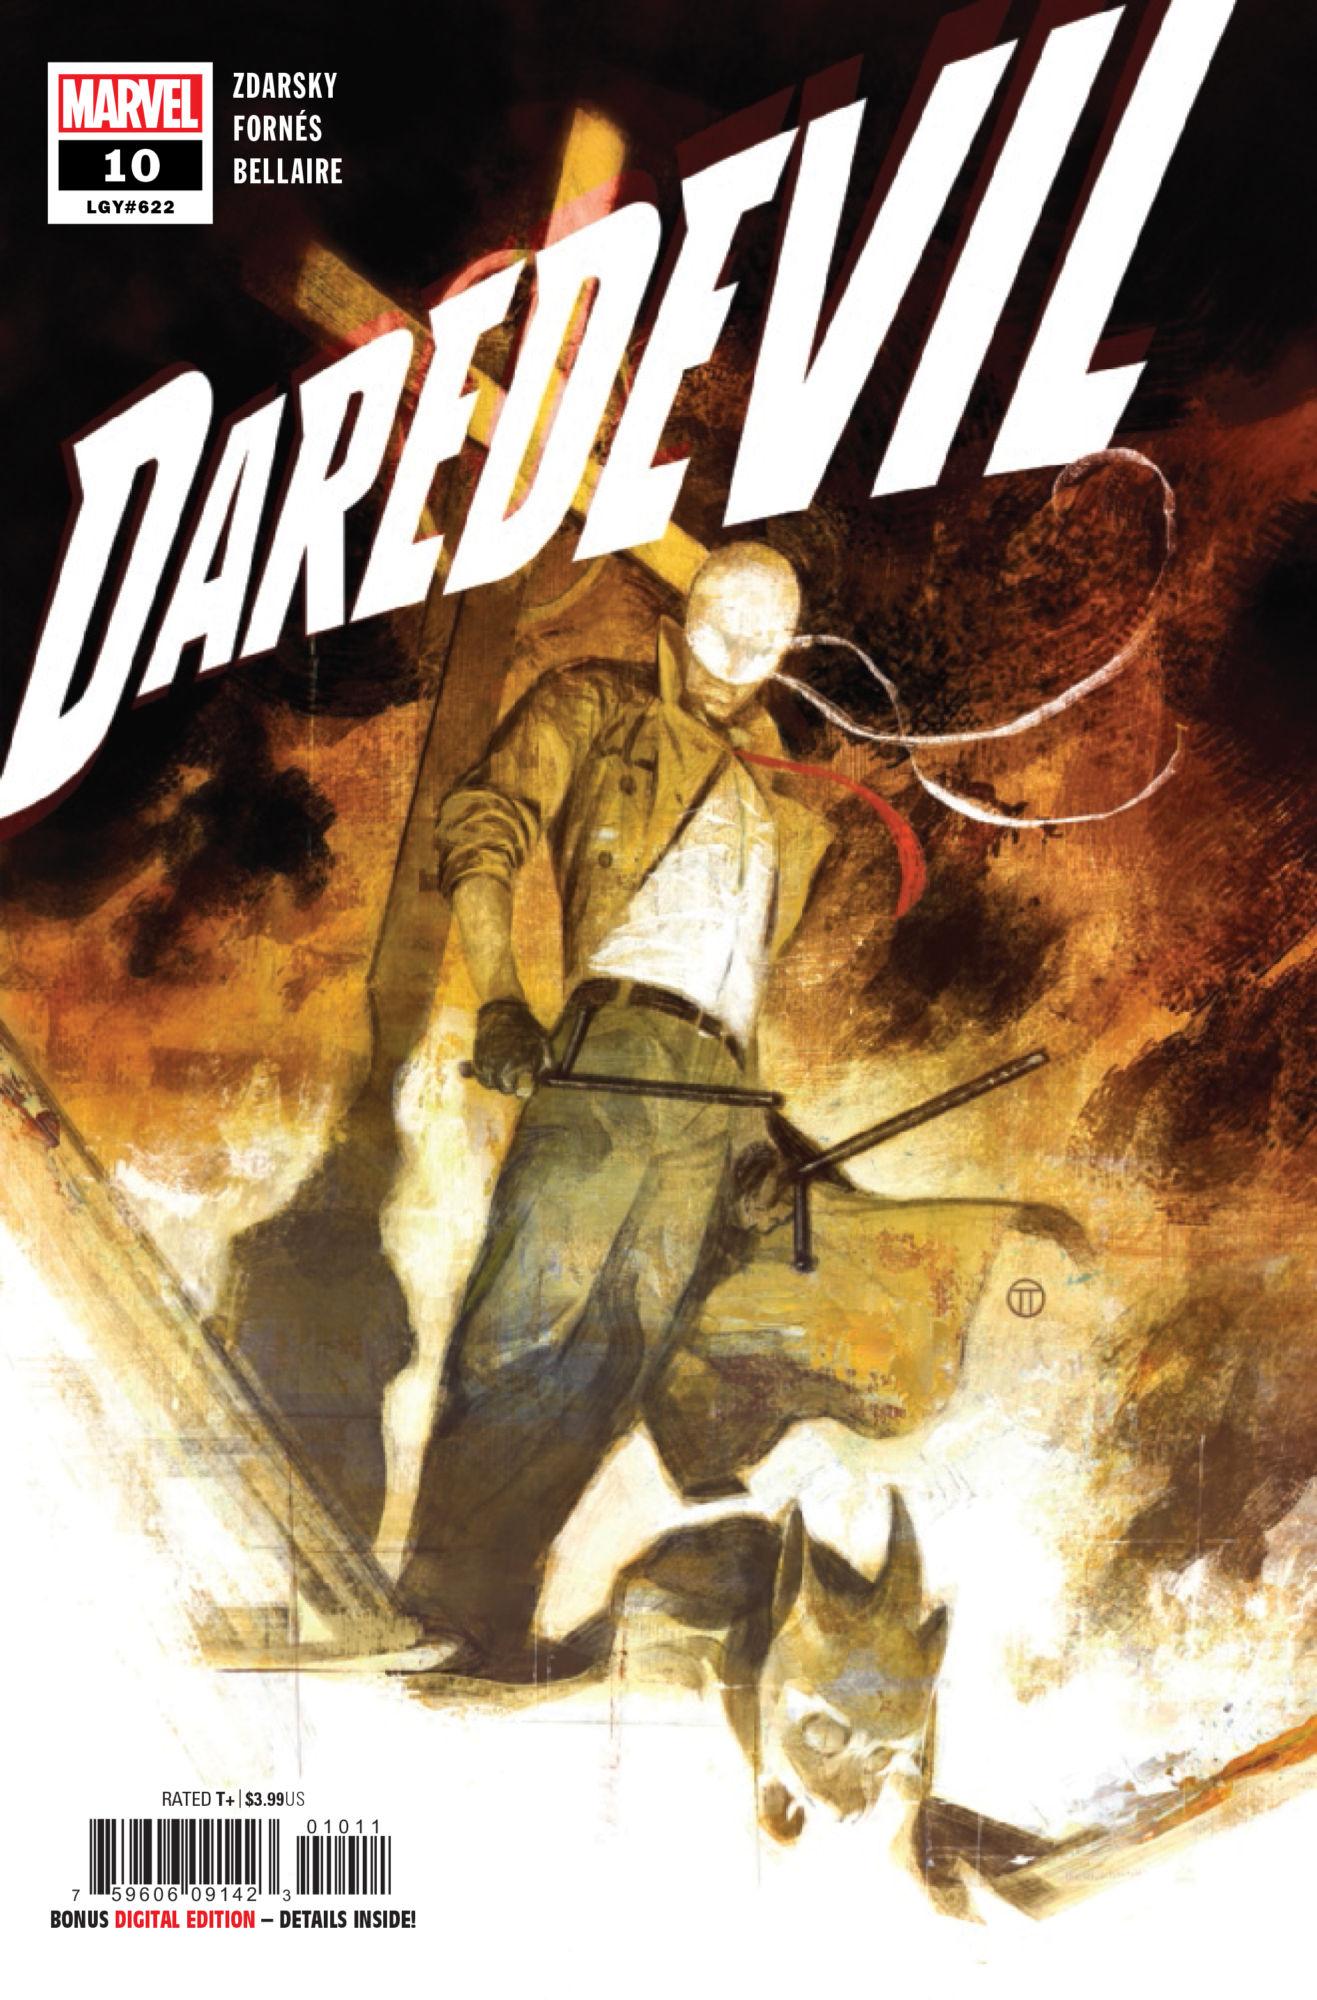 Catholic Sex Guilt in Daredevil #10 [Preview]